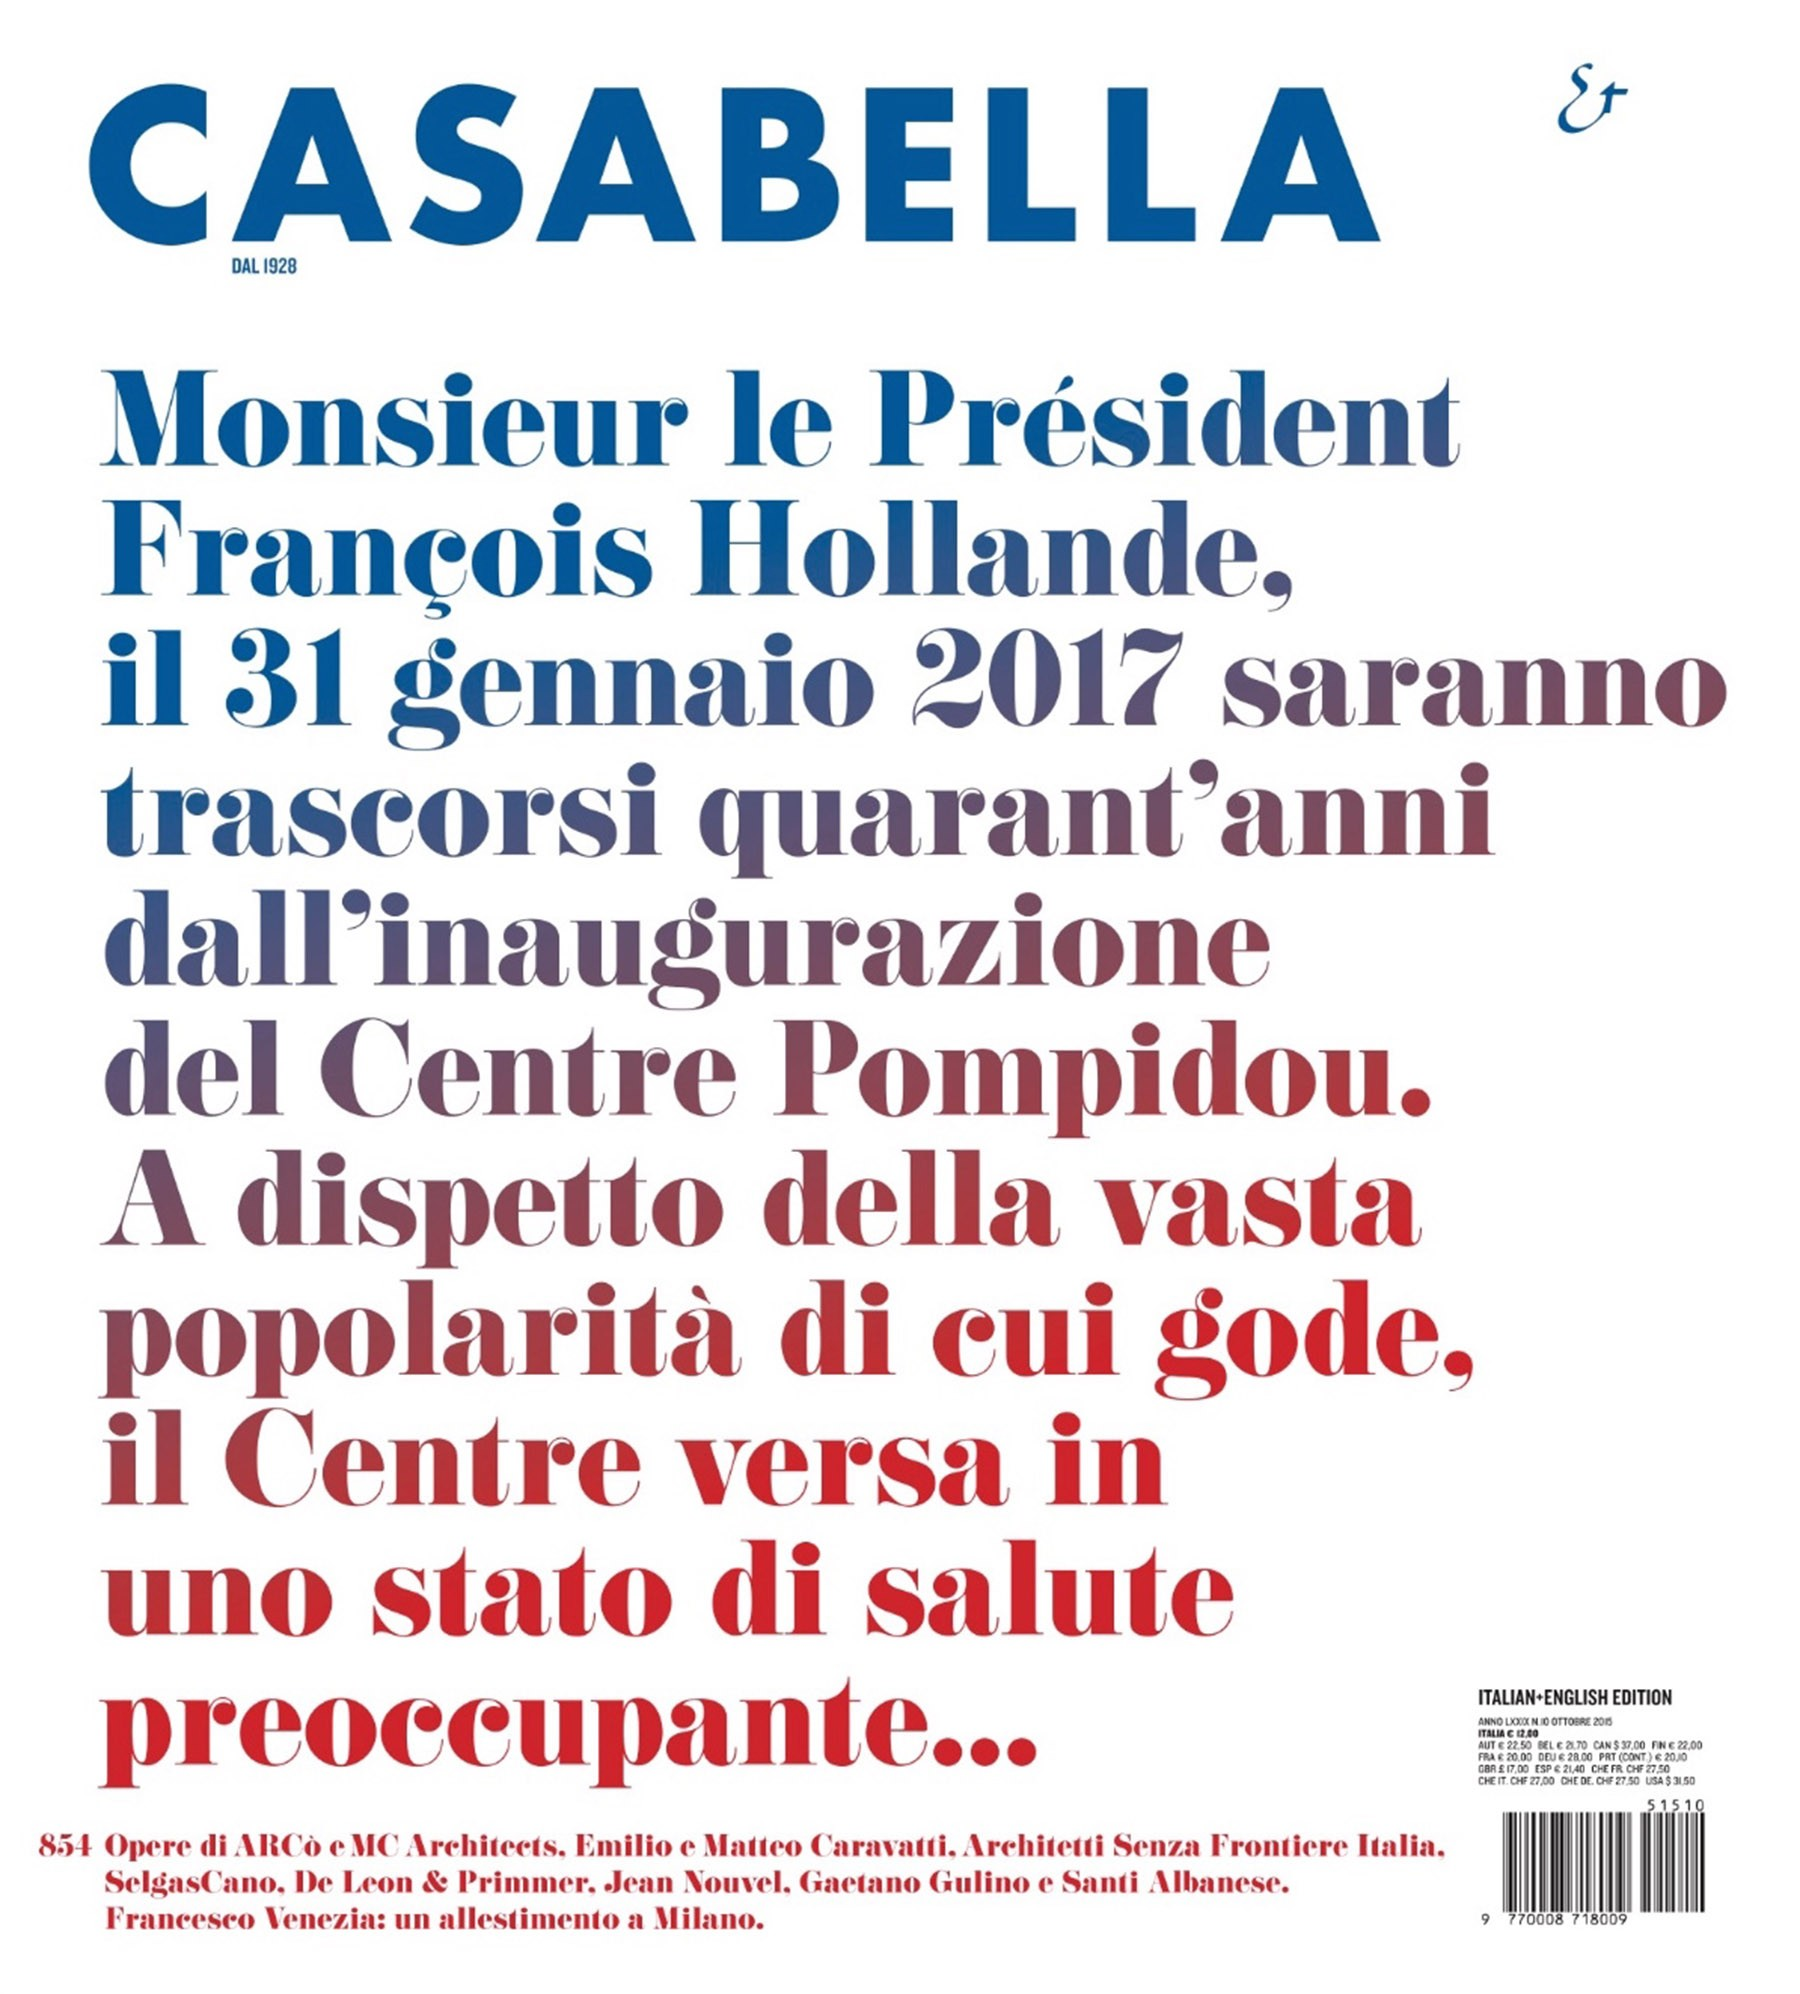 Casabella 854